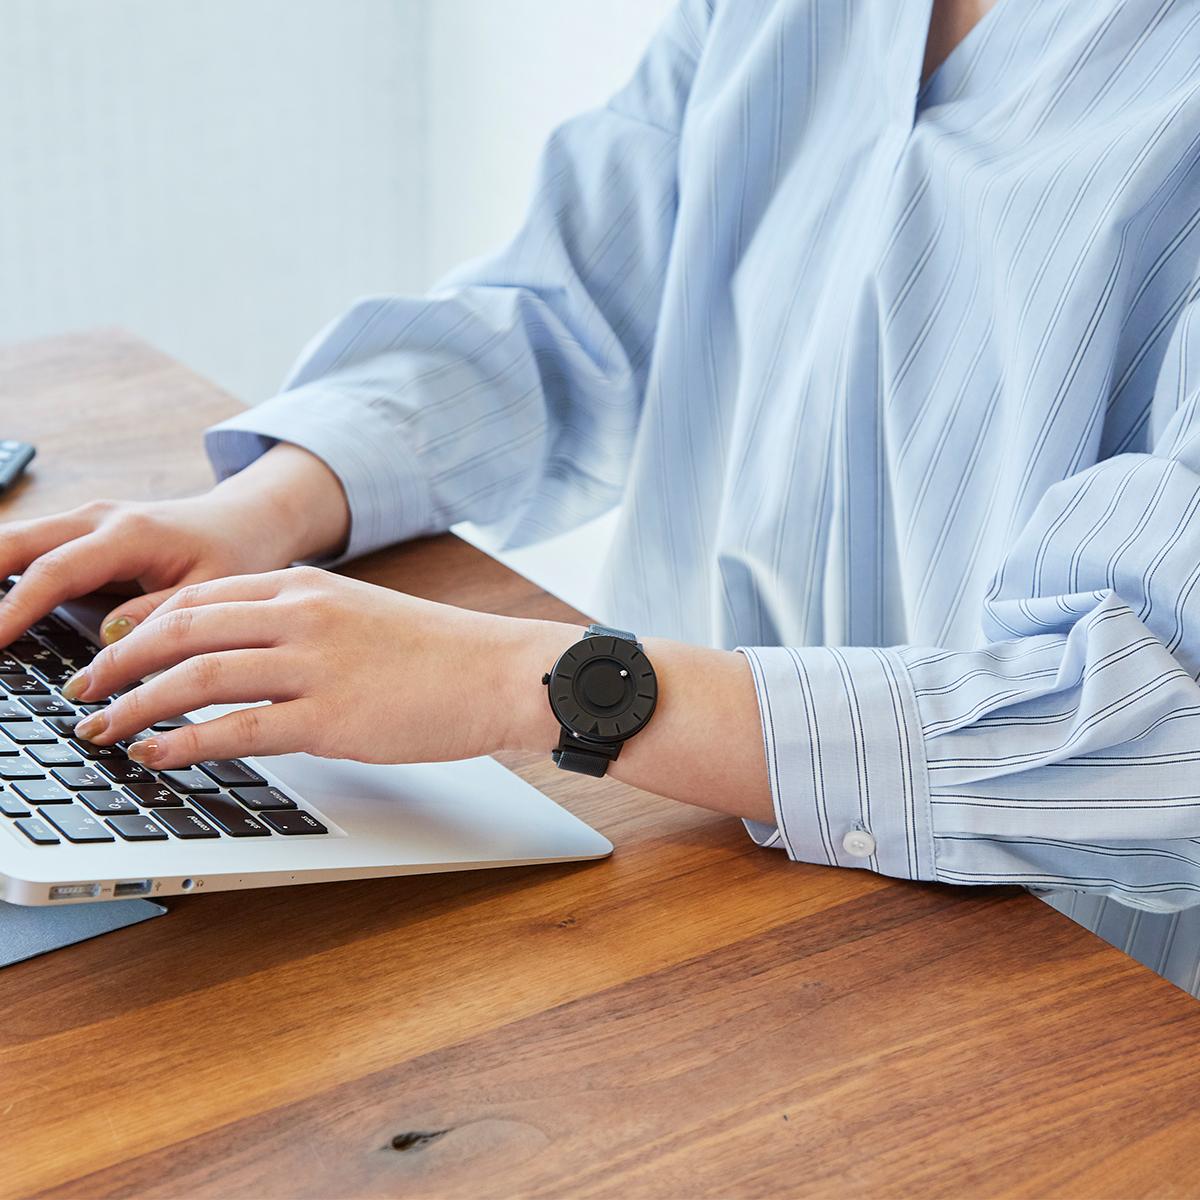 腕元をスッキリと見せたい男性にも、中高生のお子さまの腕元にも合う、絶妙なサイズ感。腕元におさまるコンパクトな文字盤、軽やかな装着感のメッシュバンド。触って時間を知る「腕時計」| EONE